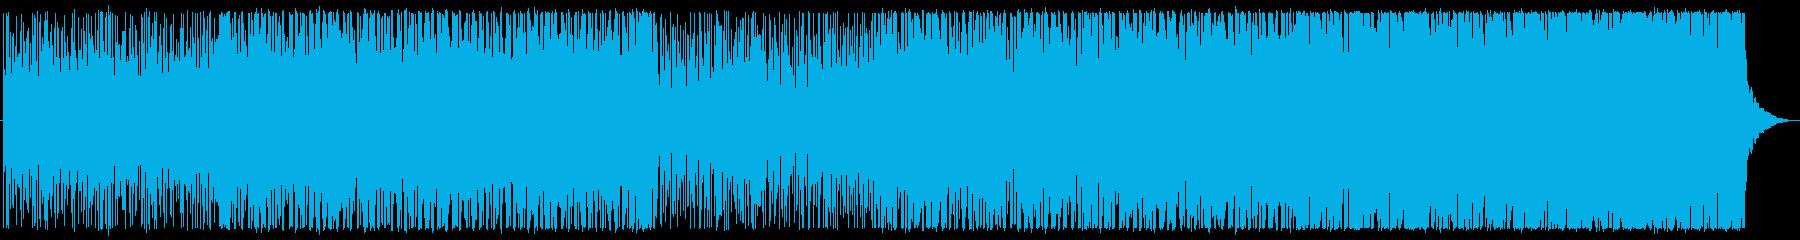 爽やか/ピアノハウス_No440_2の再生済みの波形